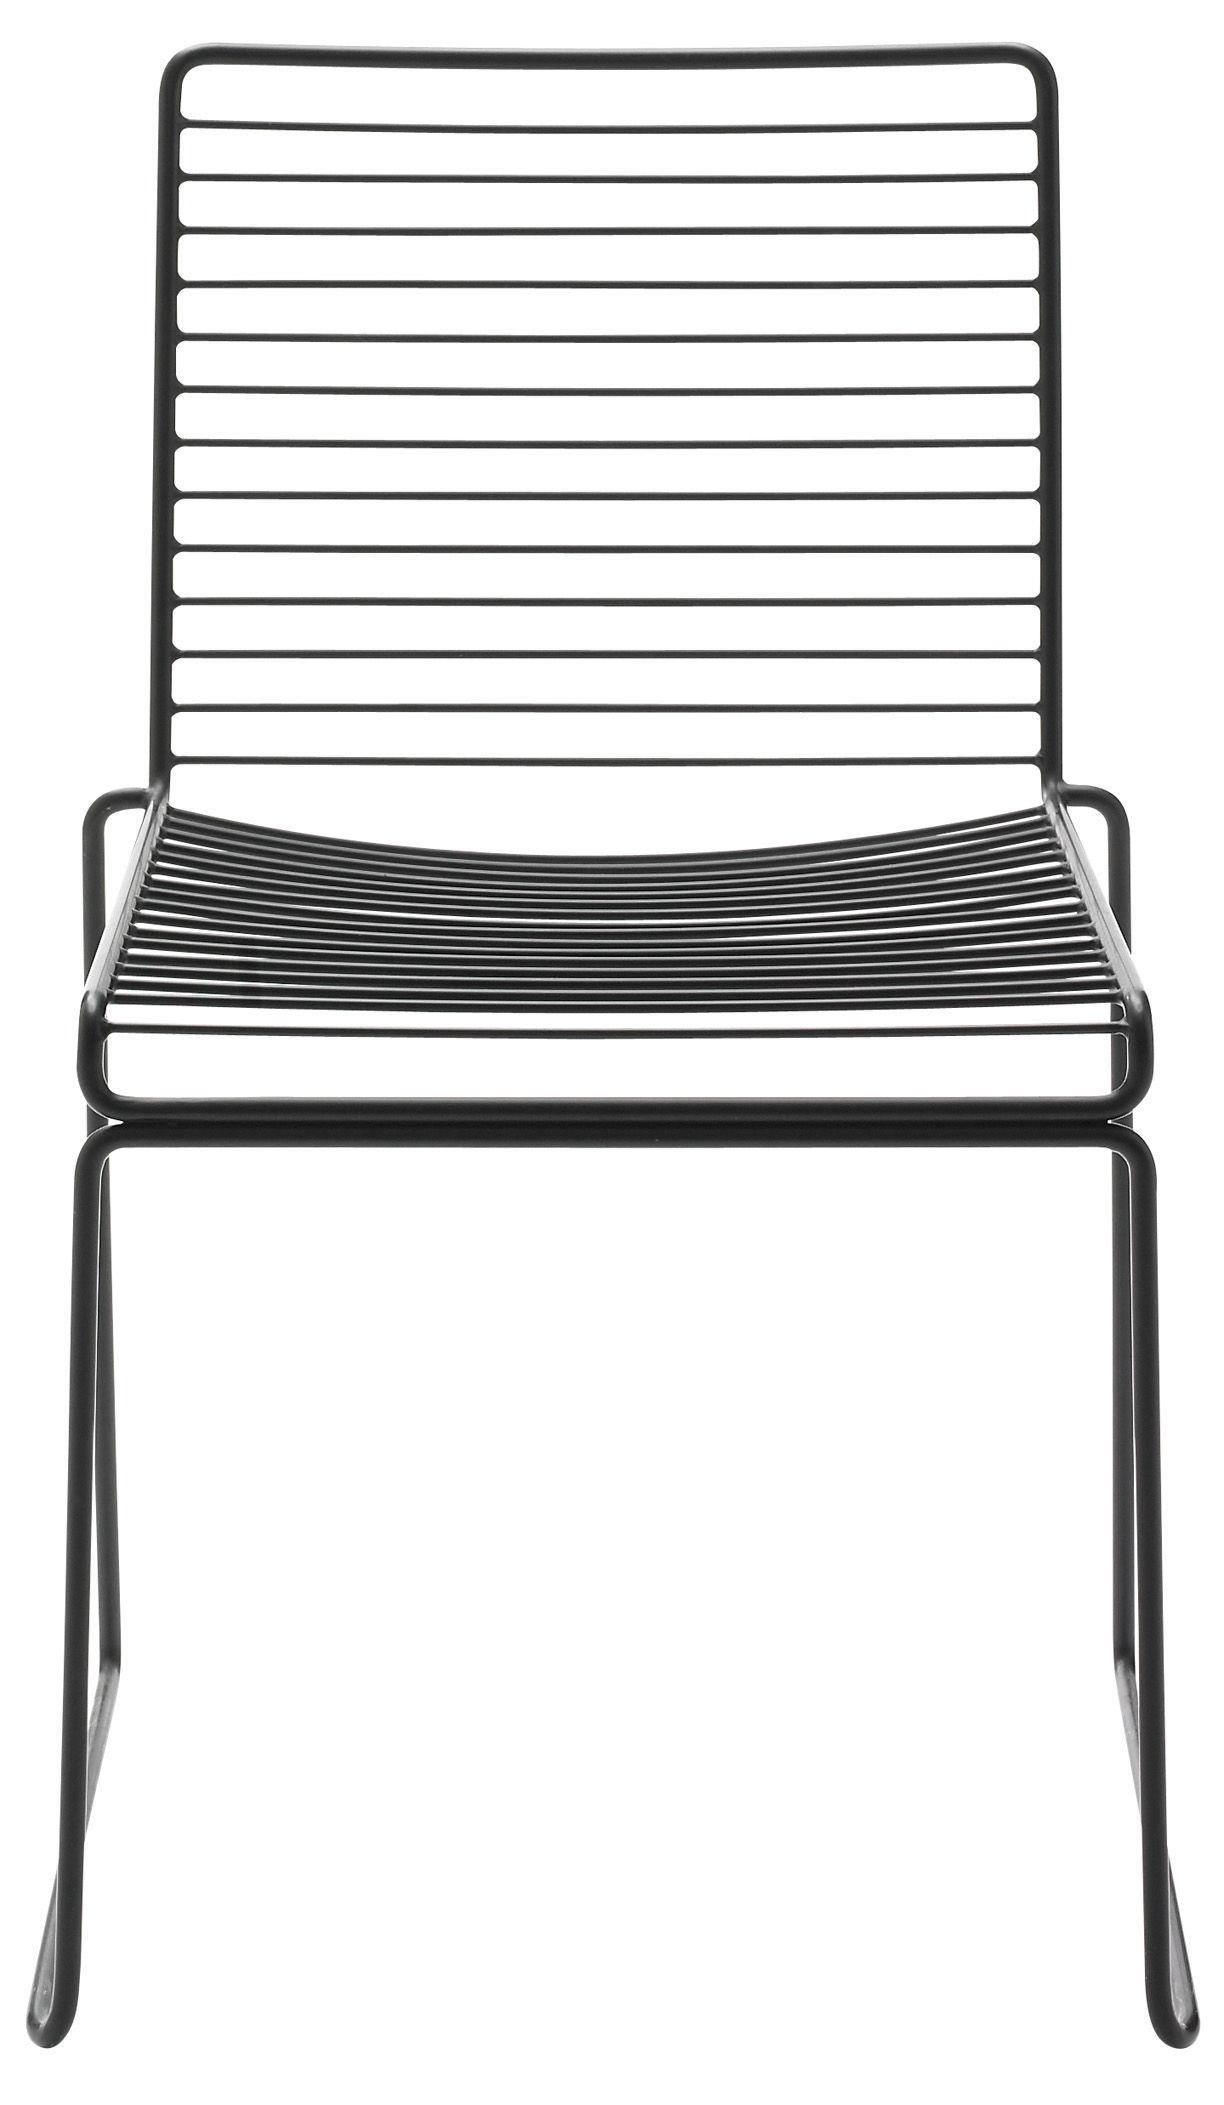 Mobilier - Chaises, fauteuils de salle à manger - Chaise empilable Hee / Métal - Hay - Noir - Acier laqué